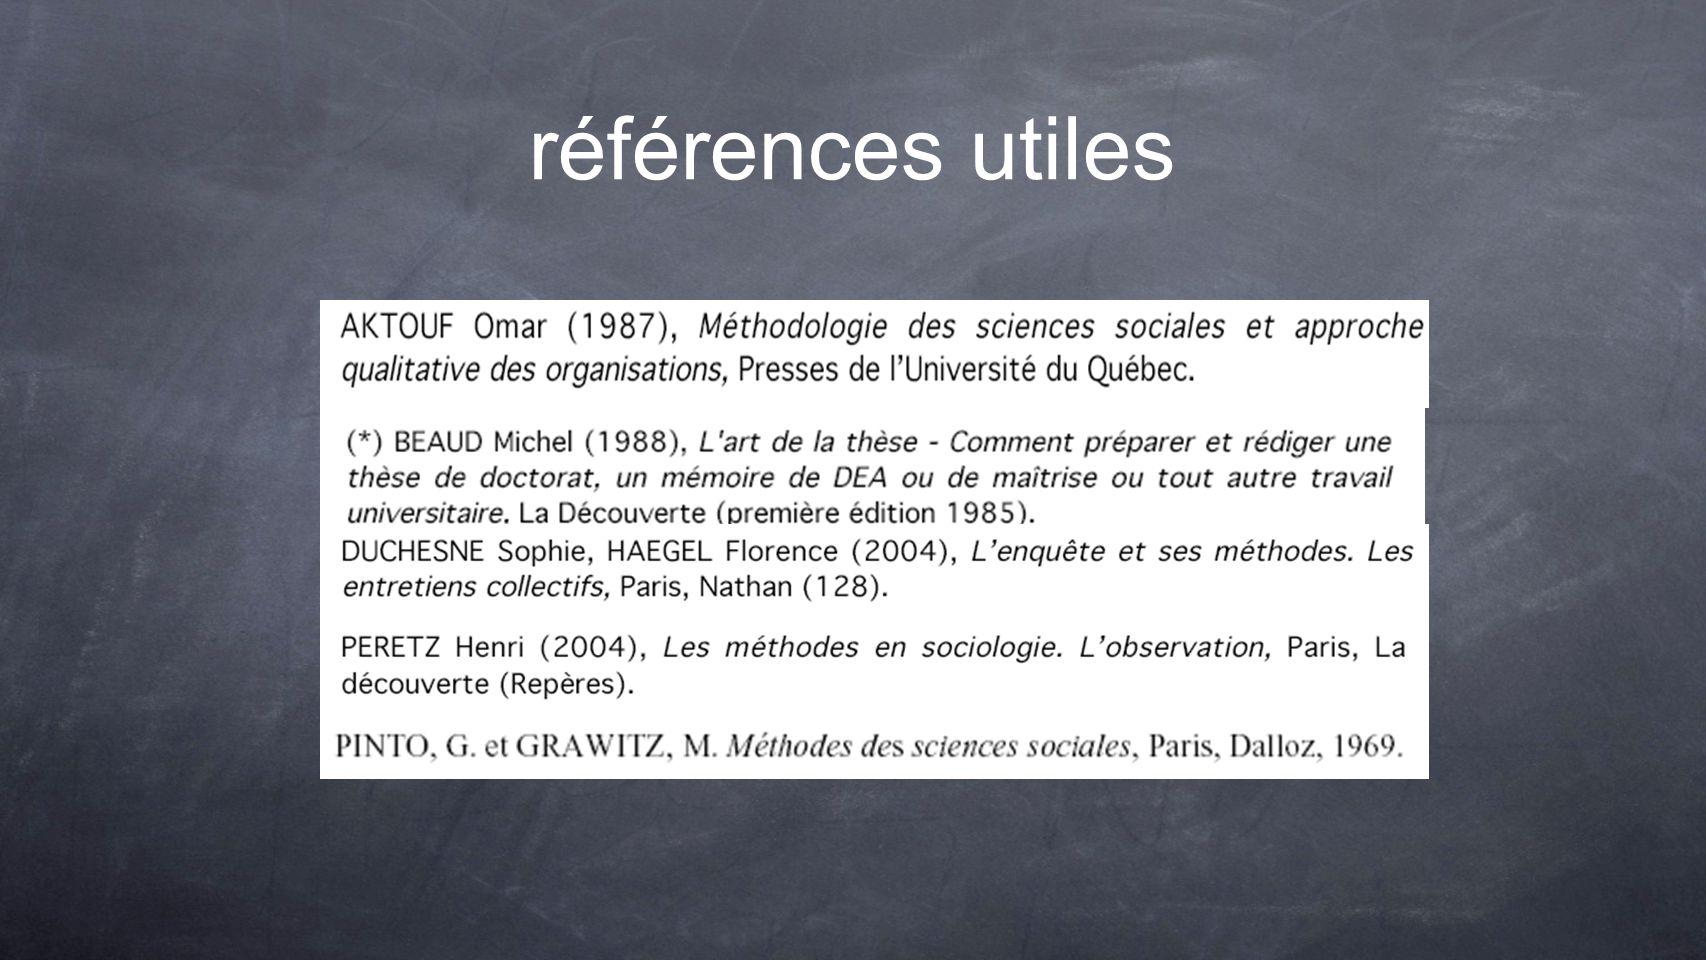 références utiles